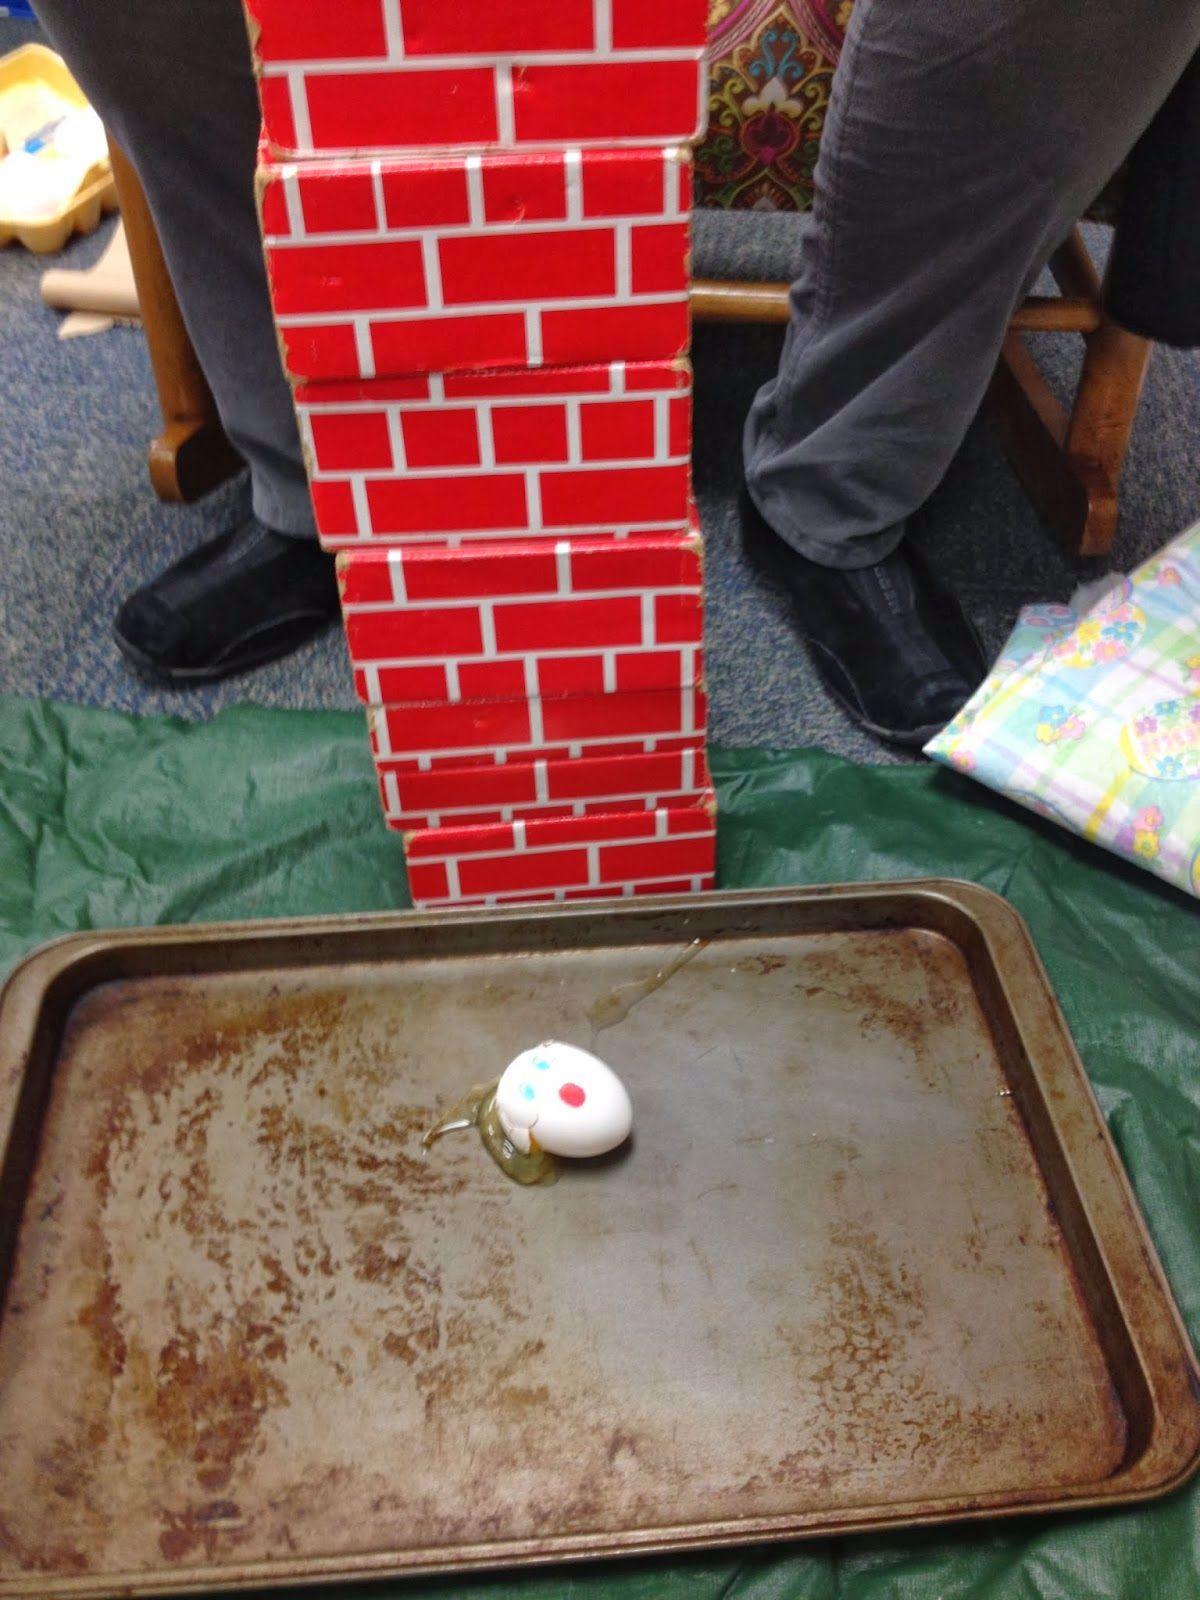 Humpty Dumpty Preschool In